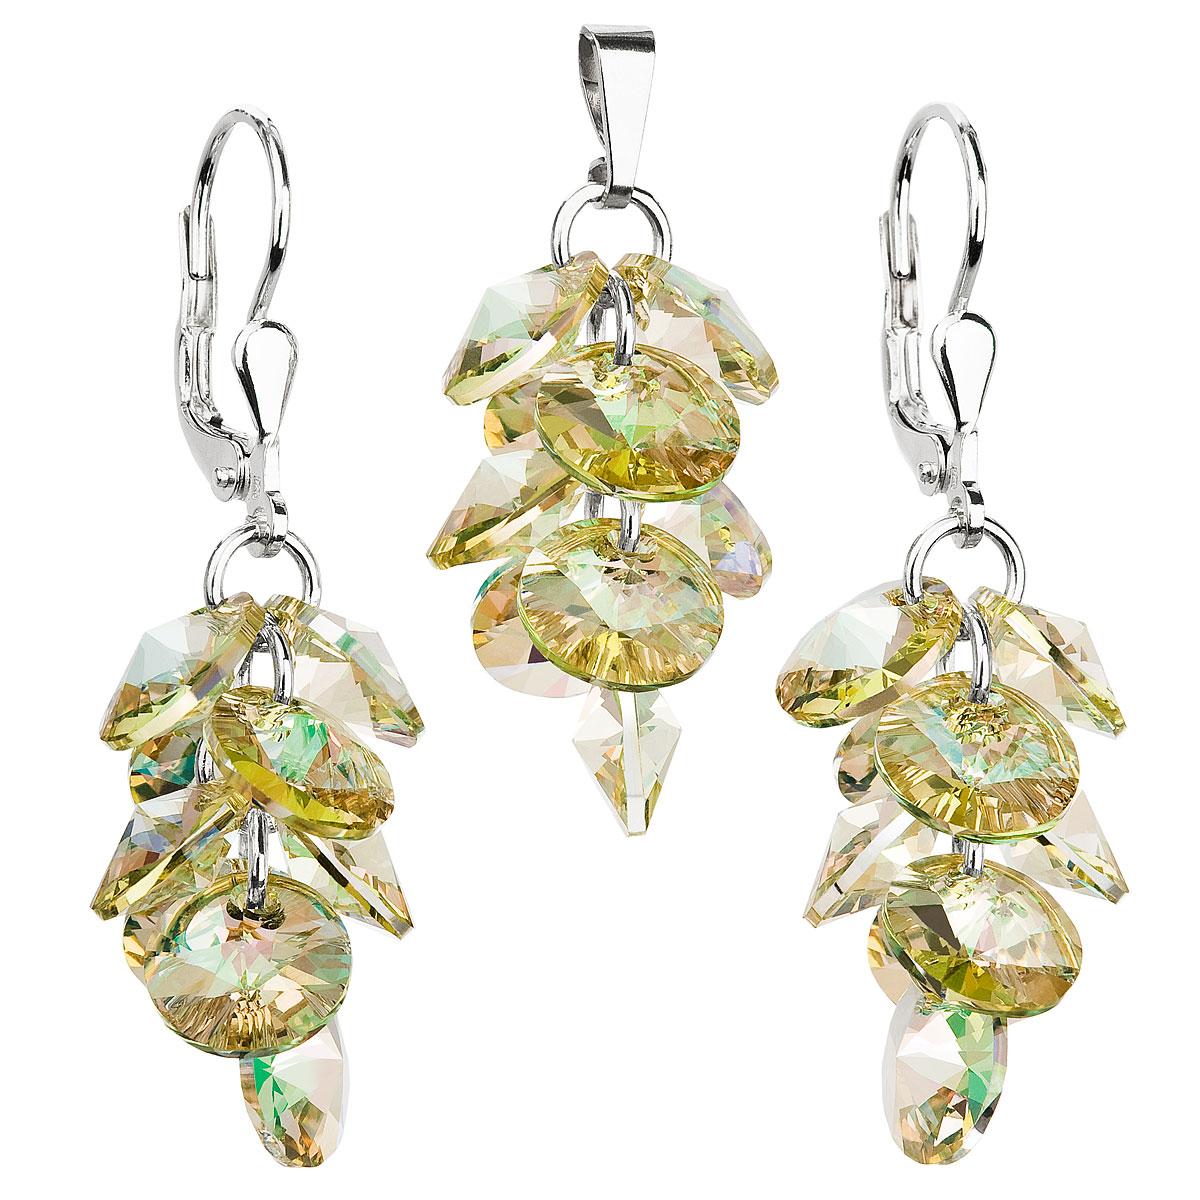 Sada šperkov s krištáľmi Swarovski náušnice a prívesok zlatý hrozno 39104.6